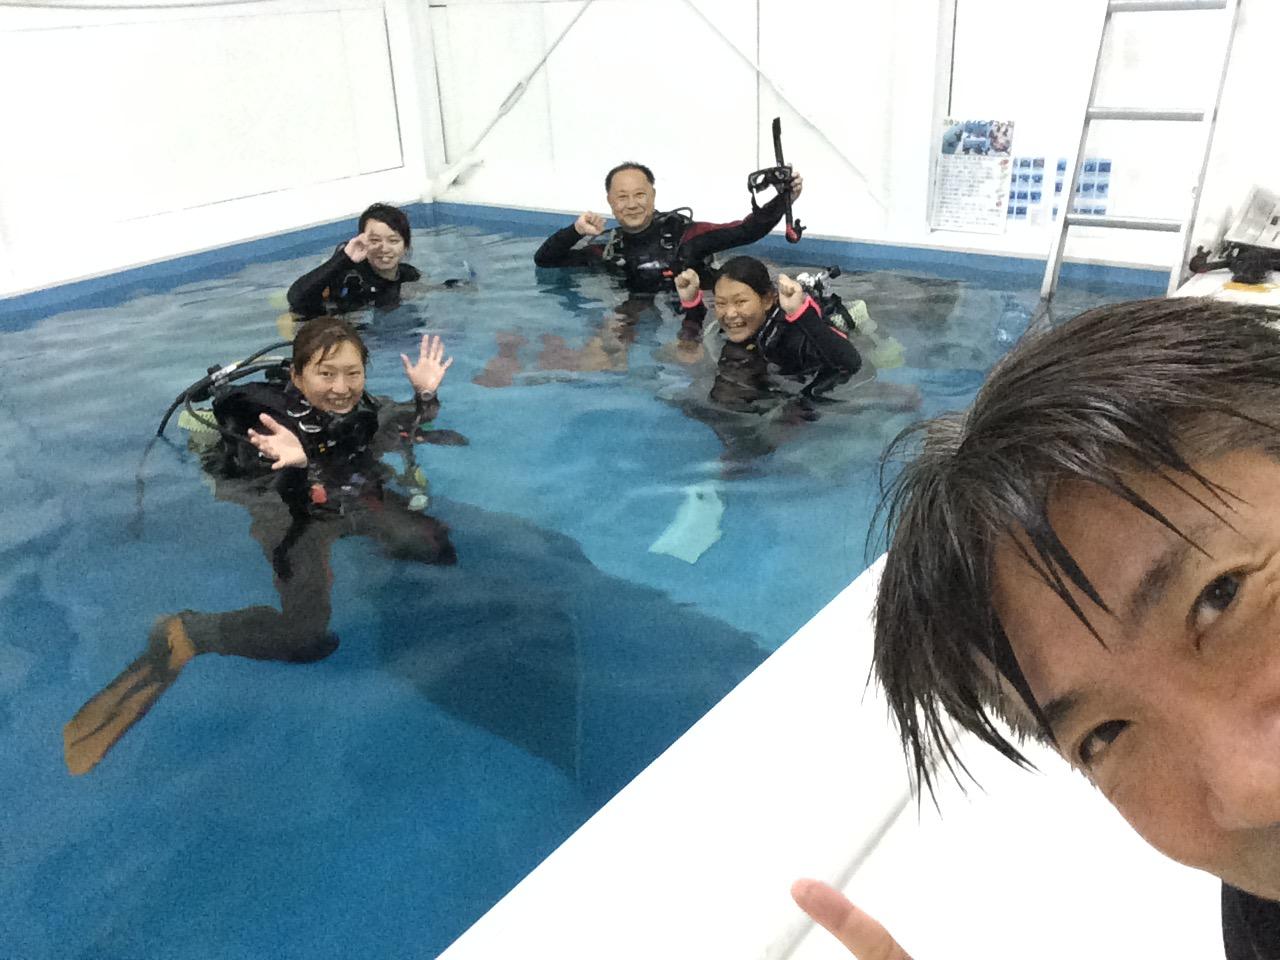 パラオからのダイビングインストラクター候補生IDC(5/7)日々様々な方がご協力や応援にご参加頂いています!